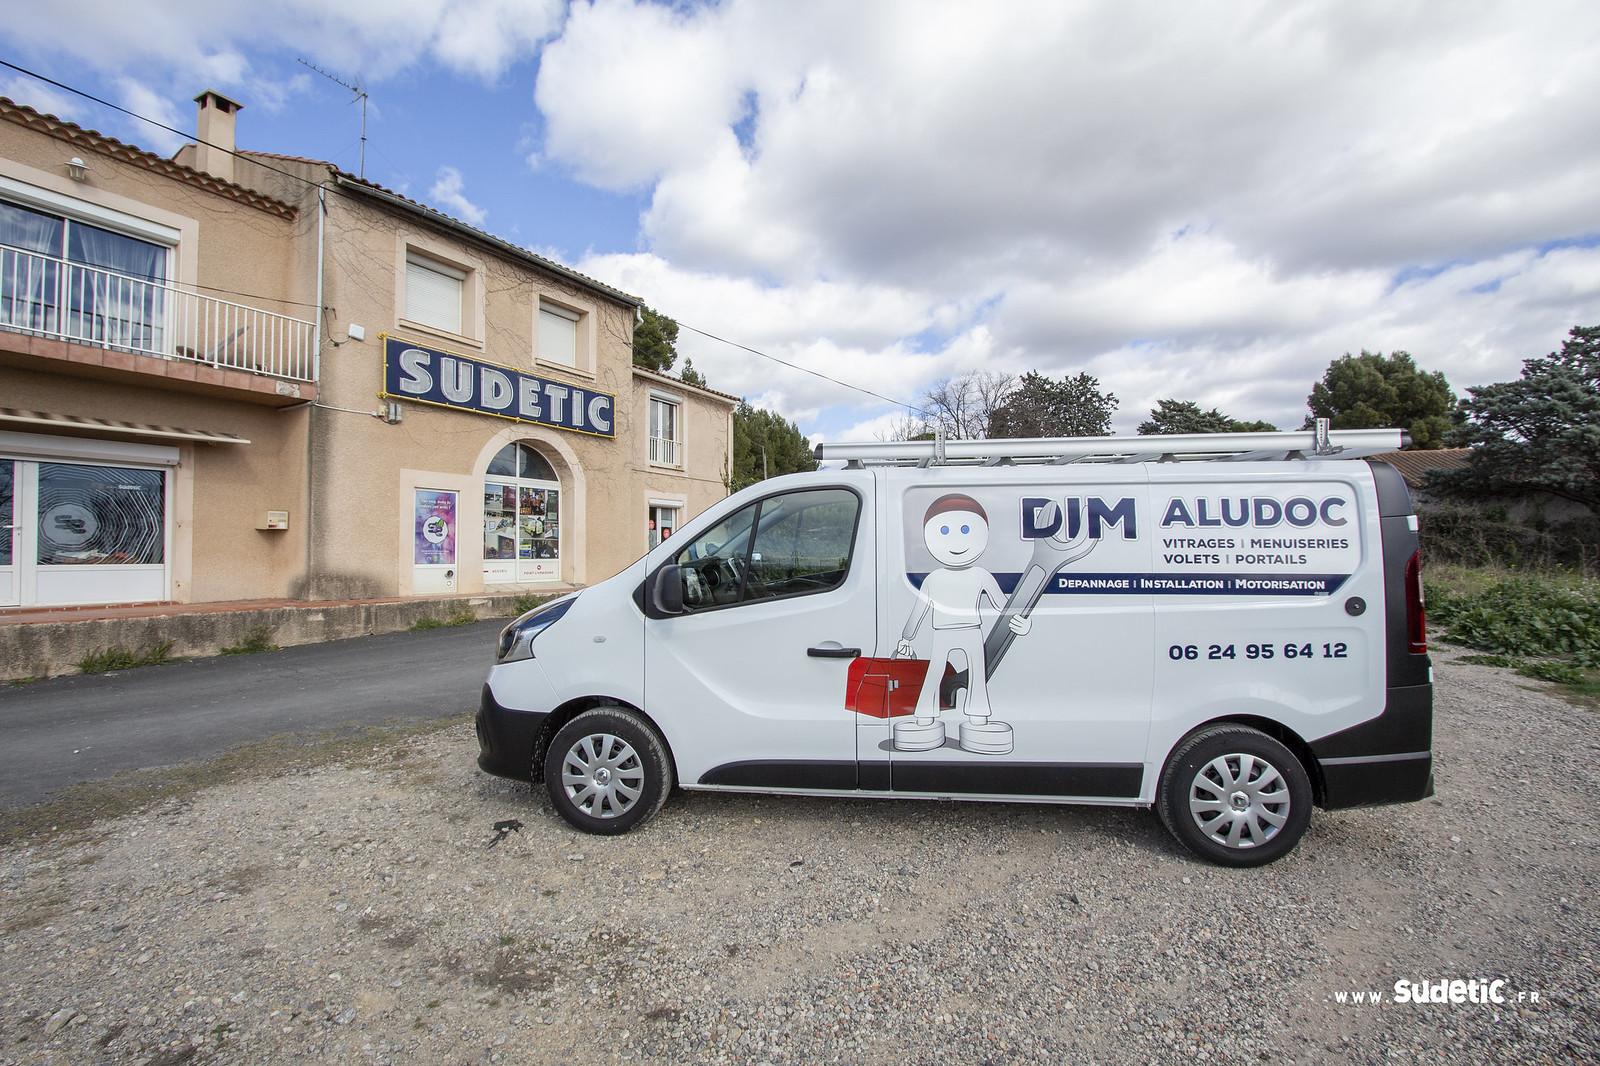 Sudetic Renault Trafic Dim Aludoc-6